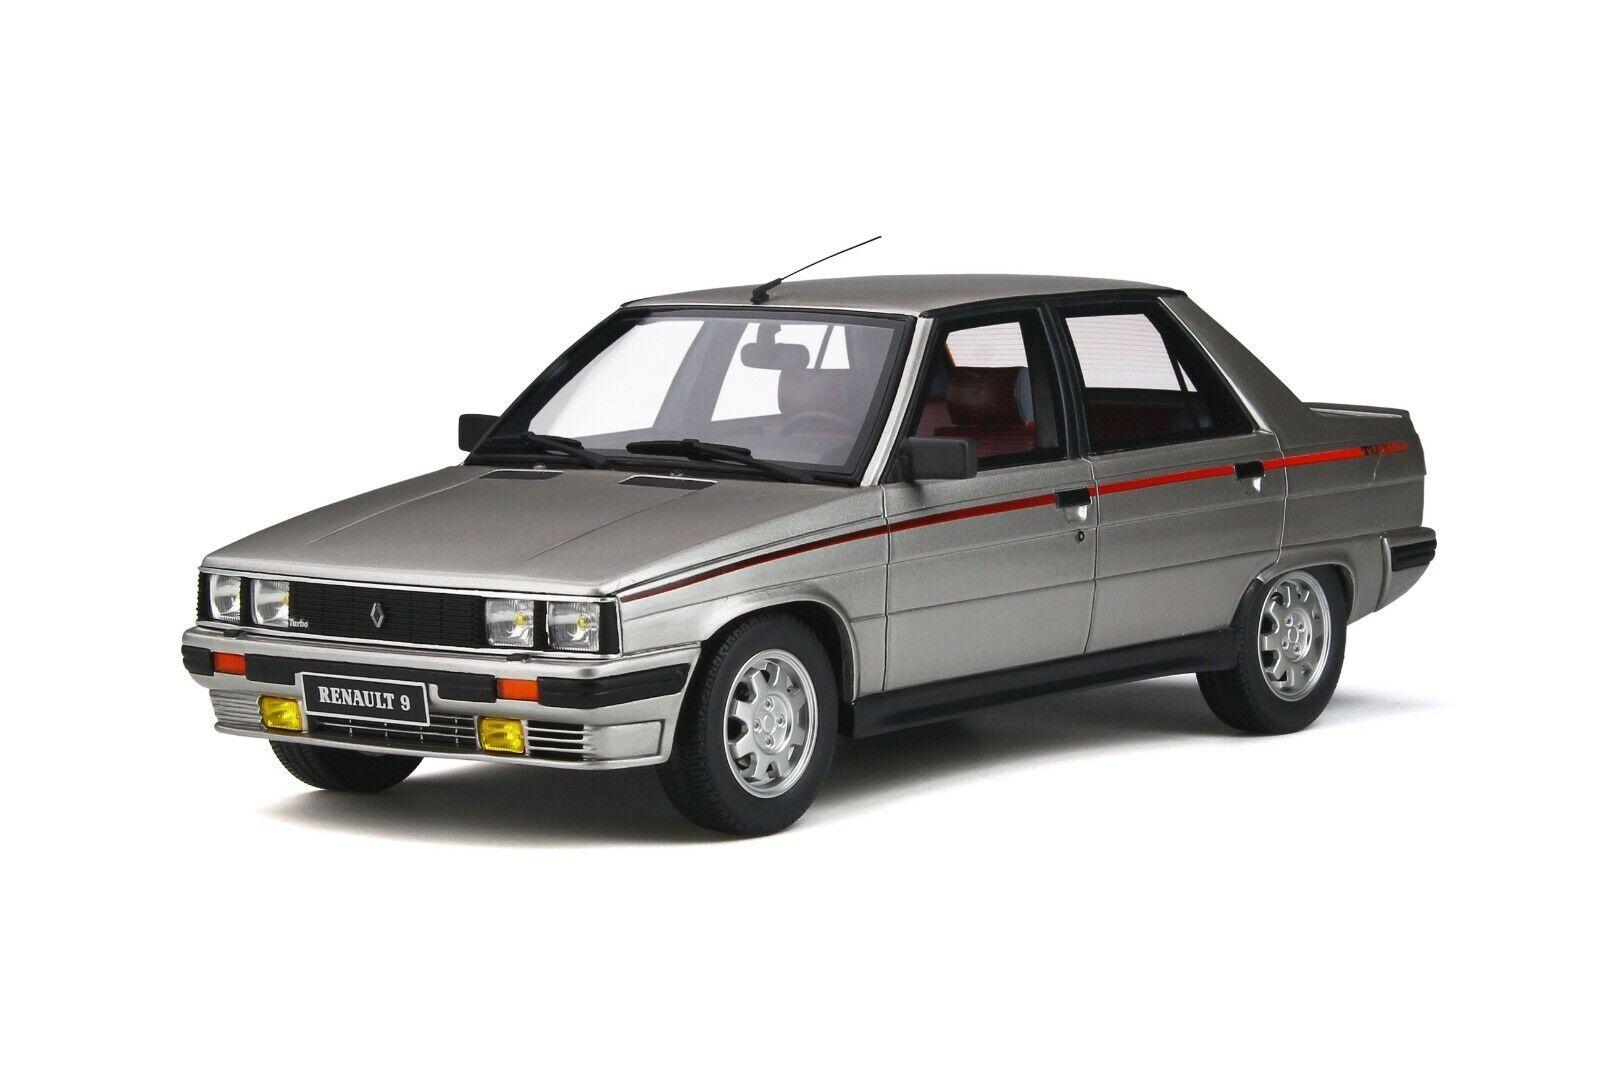 Renault 9 turbo fase 1  nuevo  Otto ot540  1 18